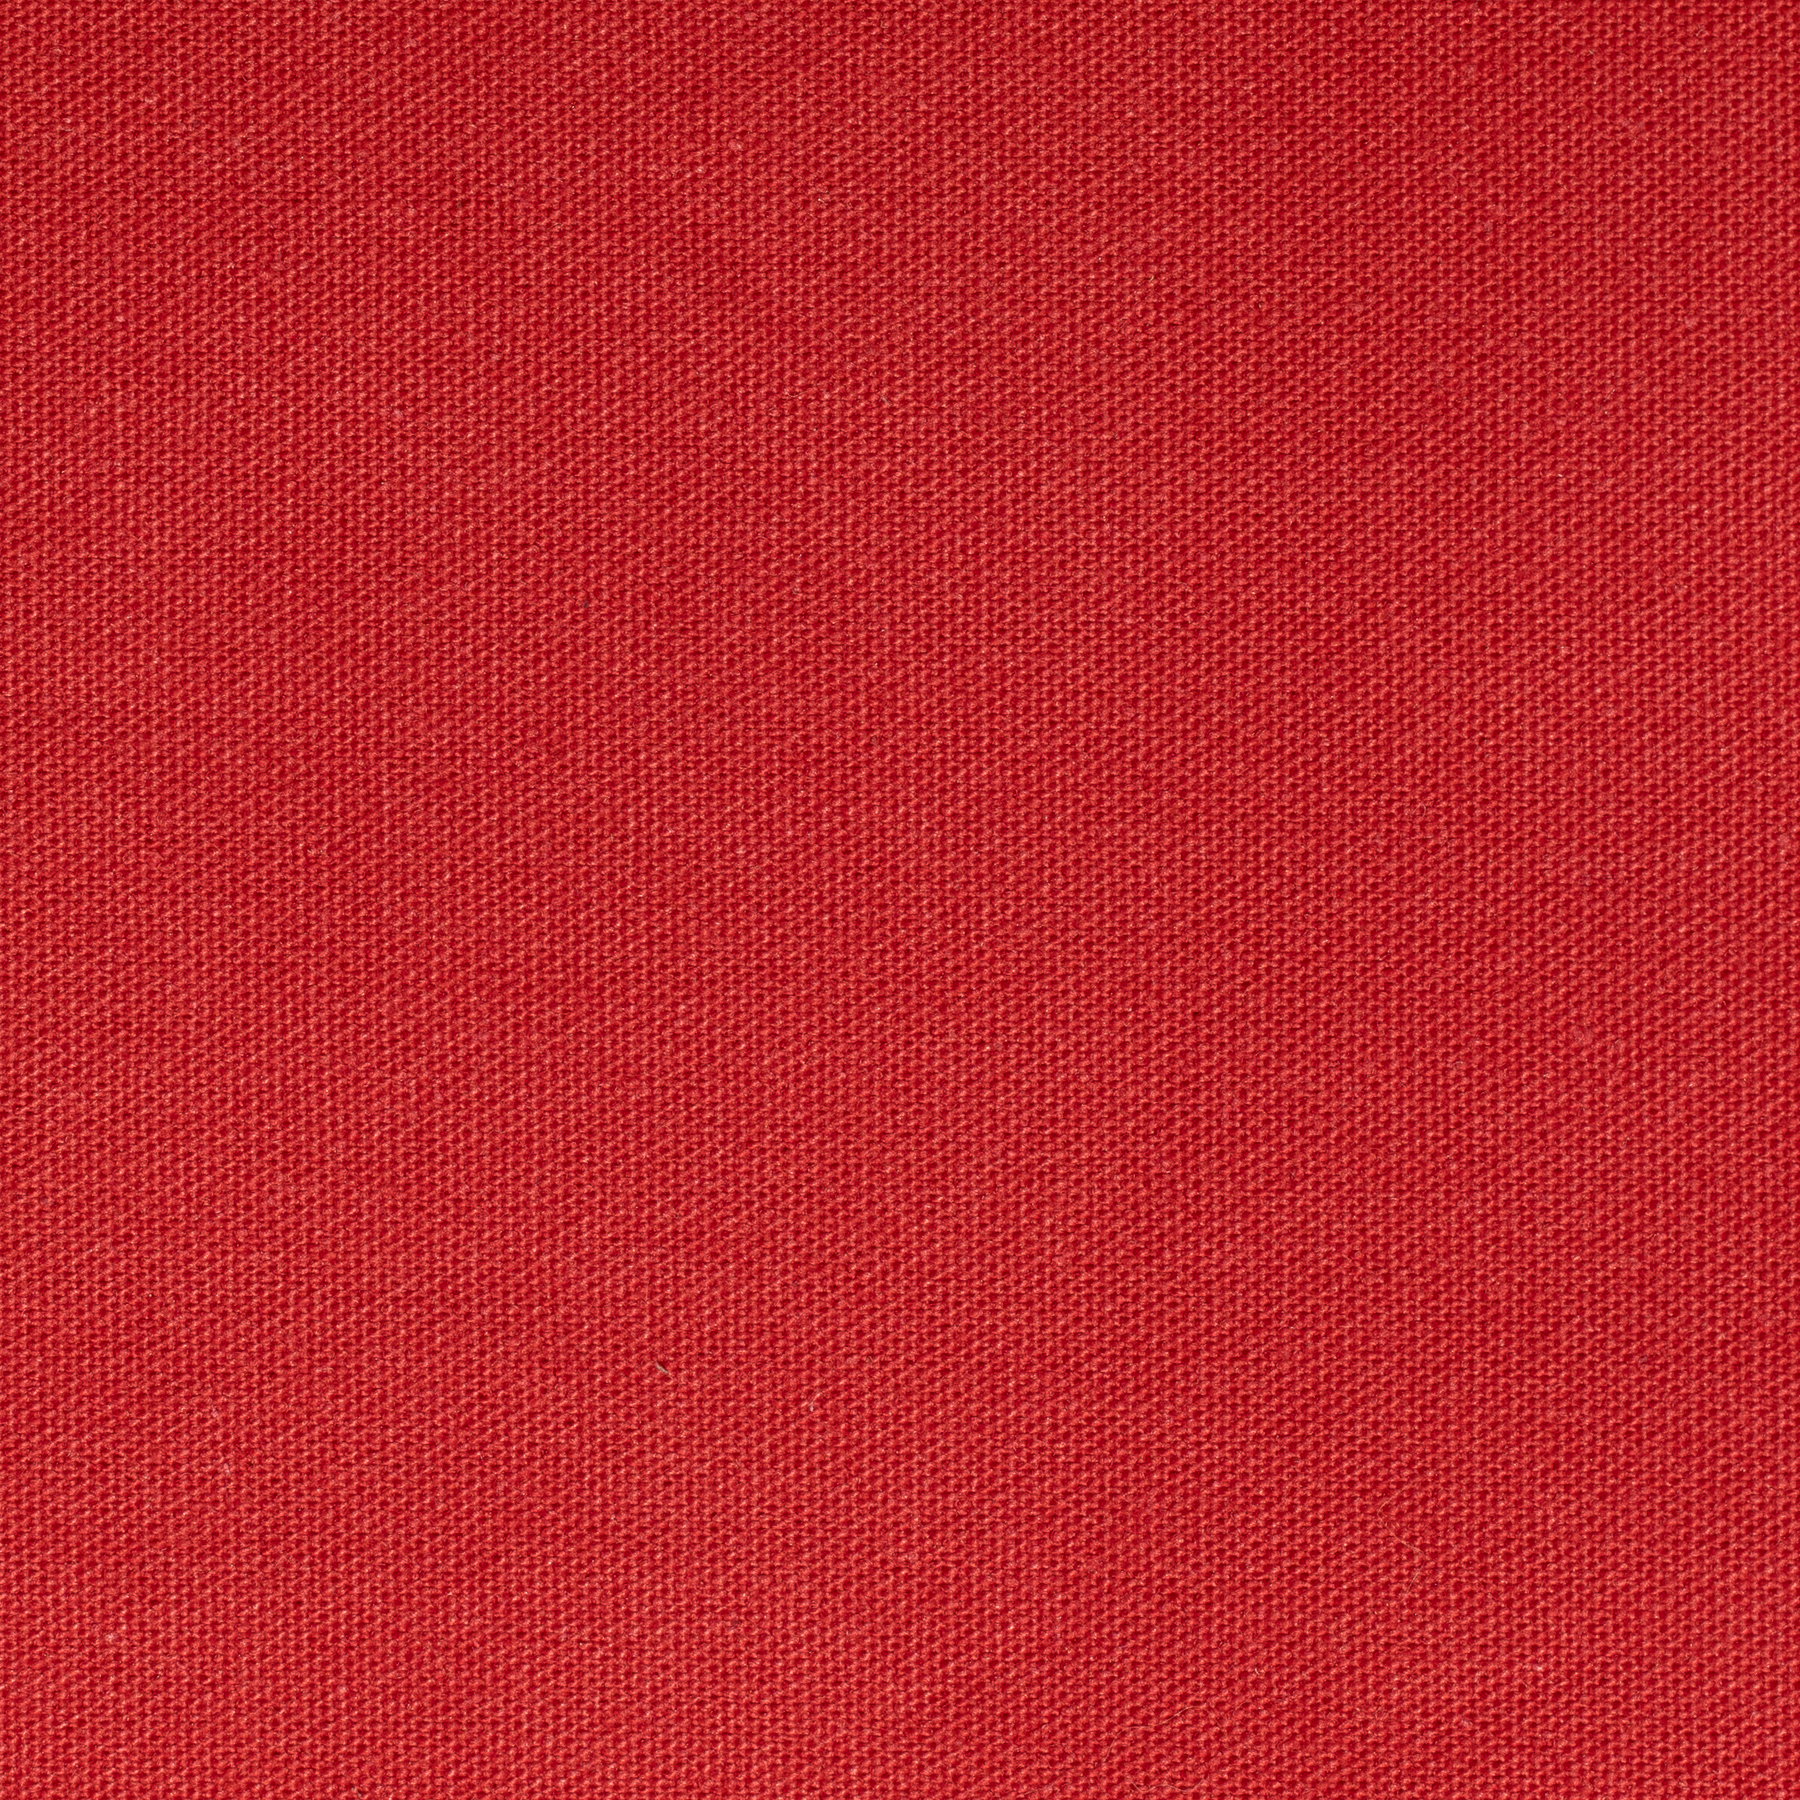 Tissu du Pliant pecheur jardin rouge